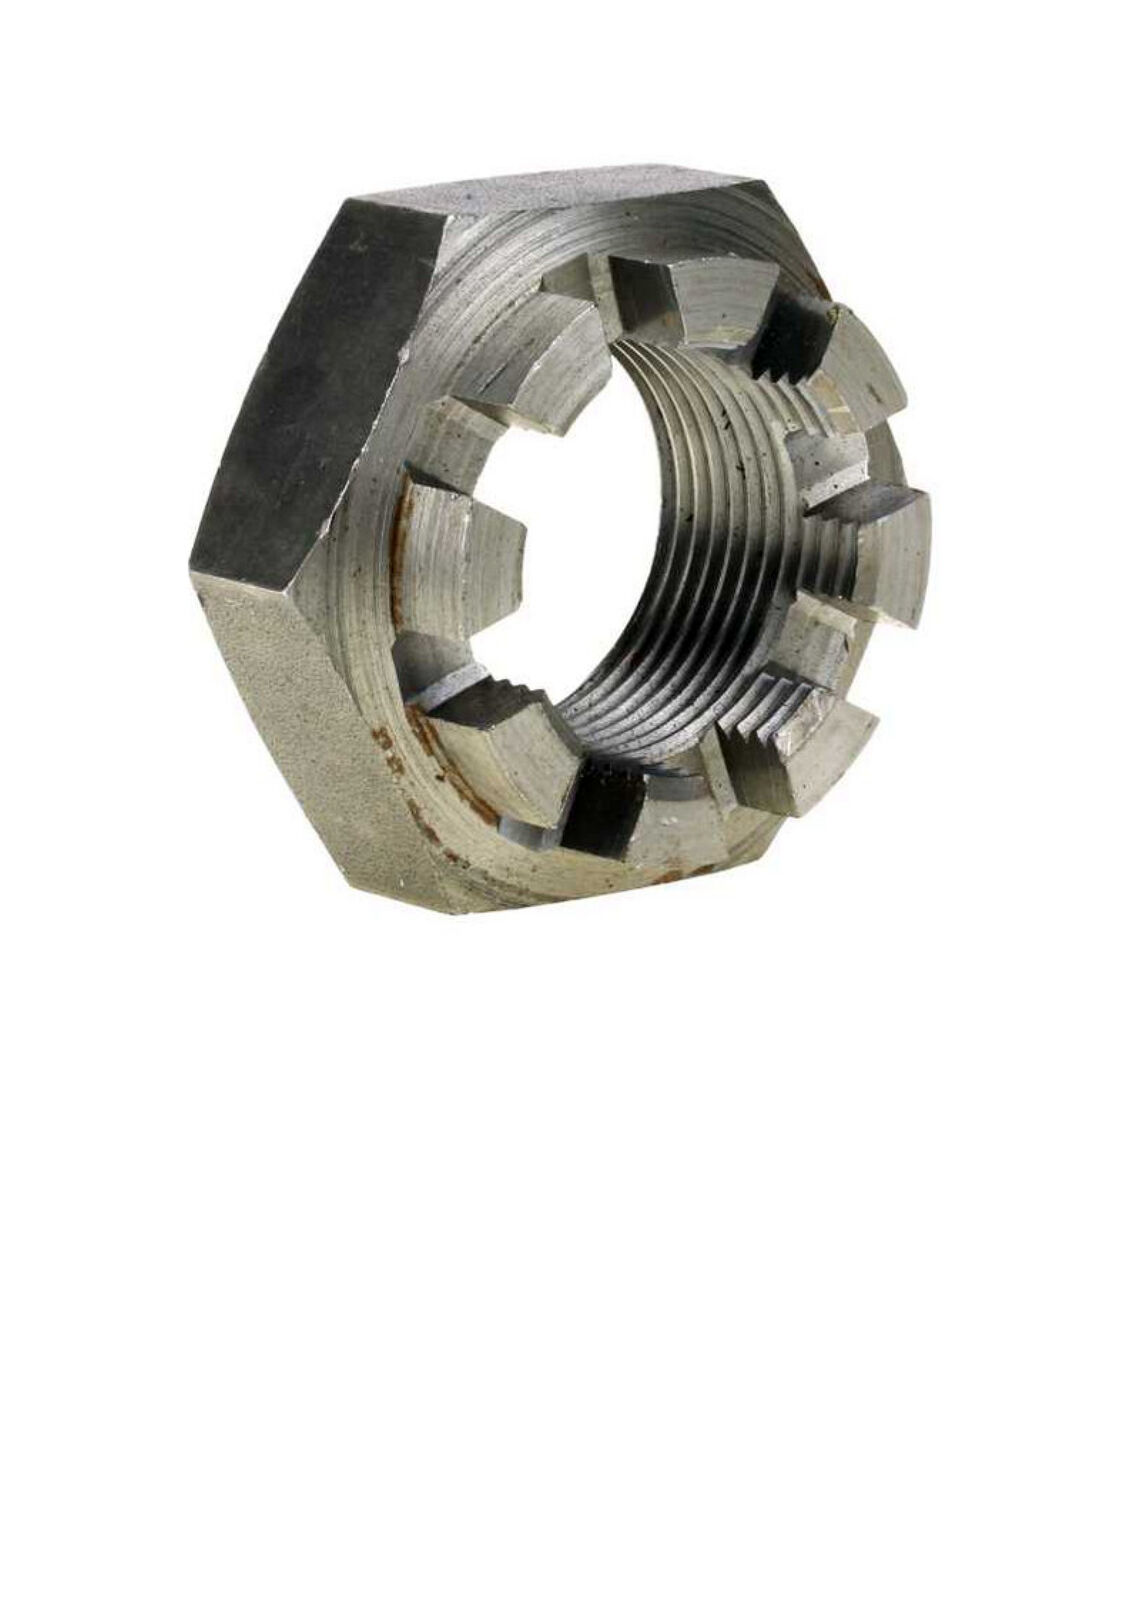 DIN979 Kronenmutter niedrige Form Edelstahl A2 A4 M6,M16,M30